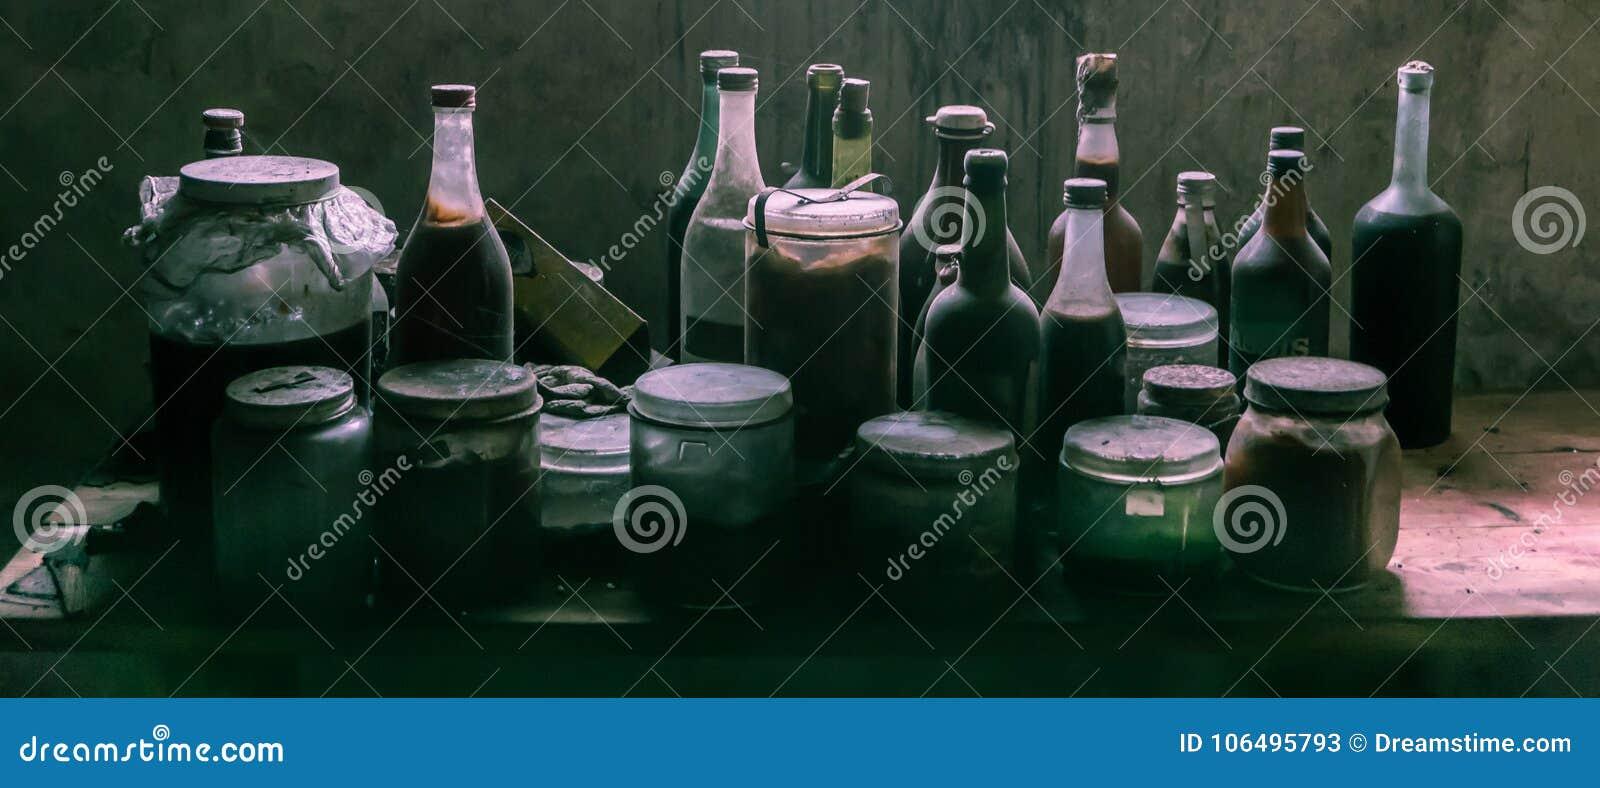 多灰尘的老玻璃瓶和罐头有可疑内容的